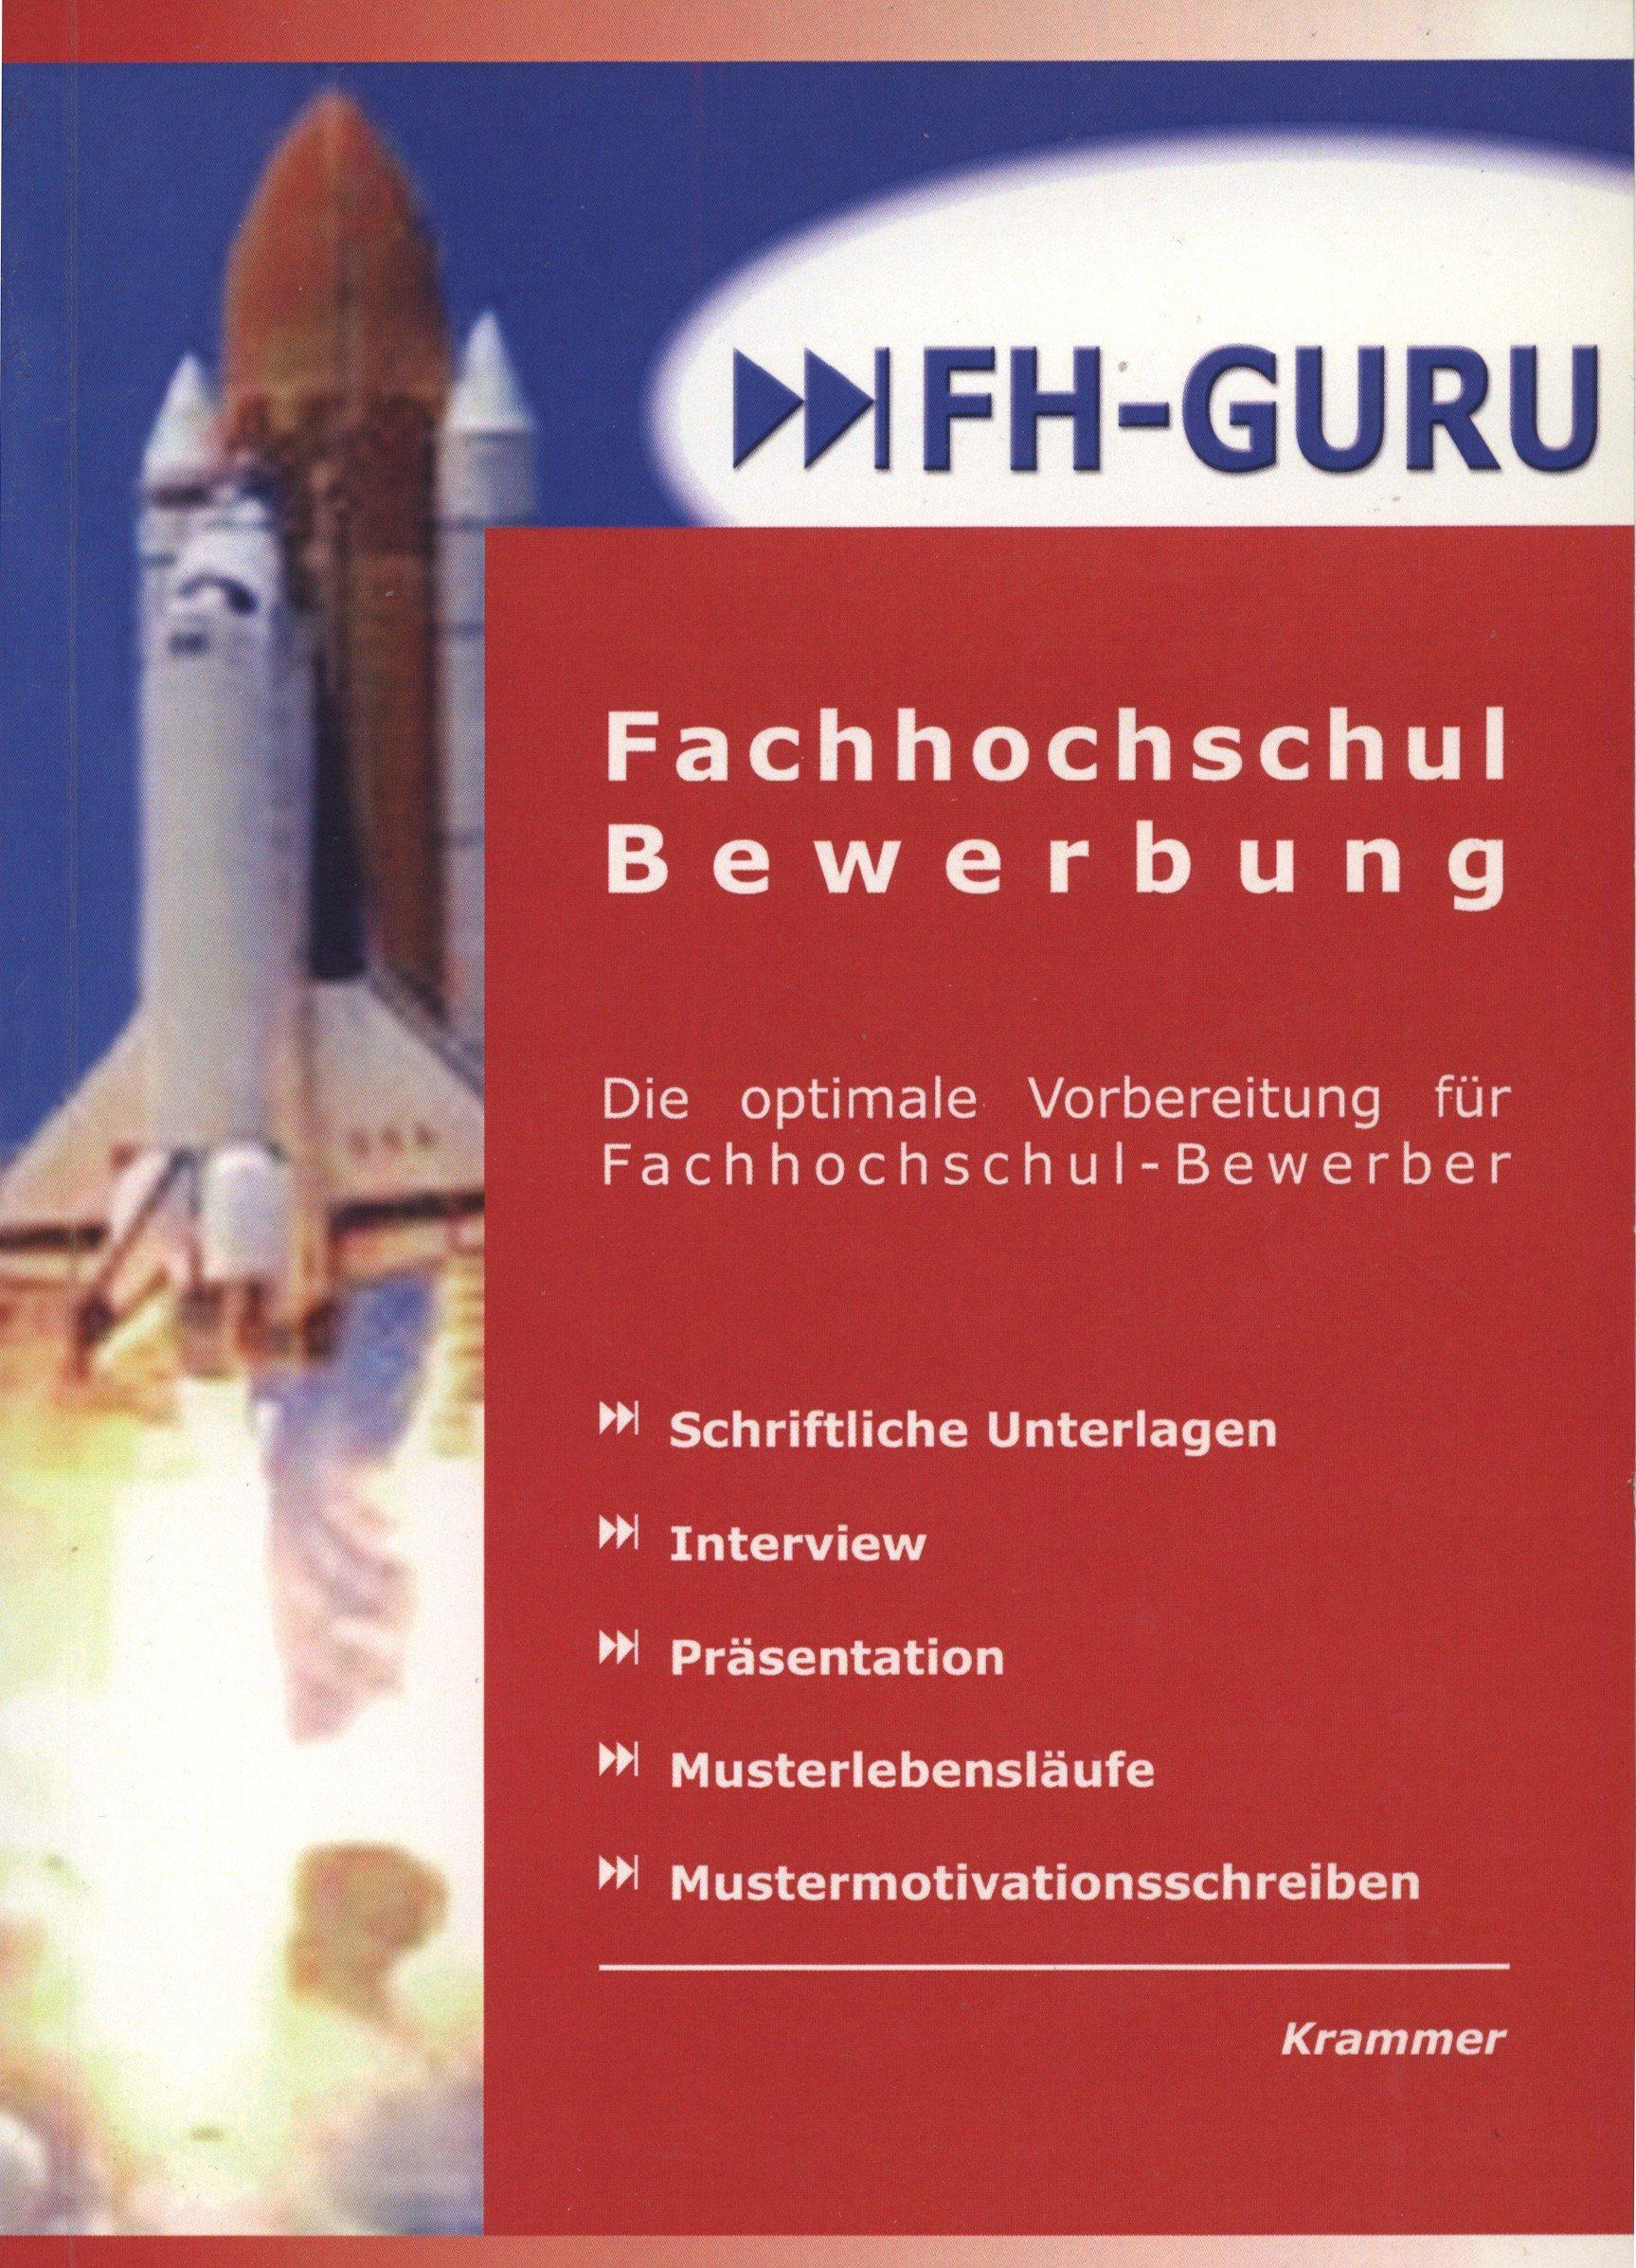 FH-Guru - Die erfolgreiche Fachhochschulbewerbung: Bewerbungshandbuch für Fachhochschulbewerber